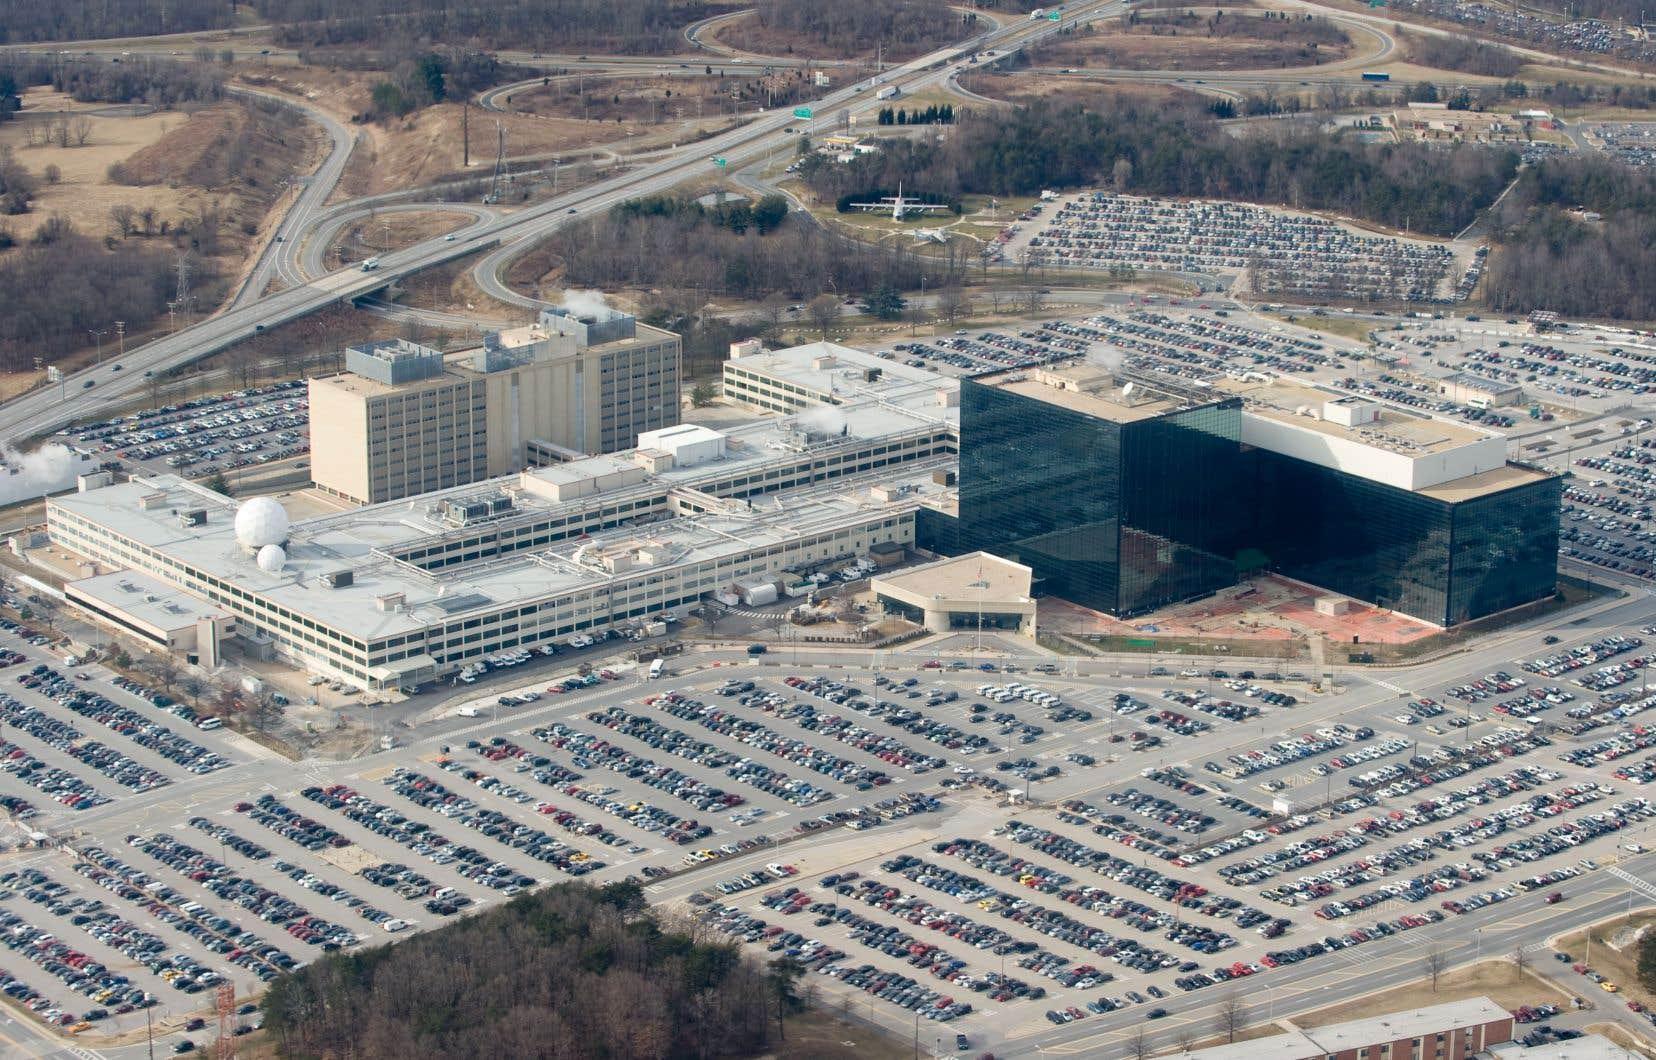 Le quartier général de la NSA est situé à Fort Meade, au Maryland, en banlieue de Washington.